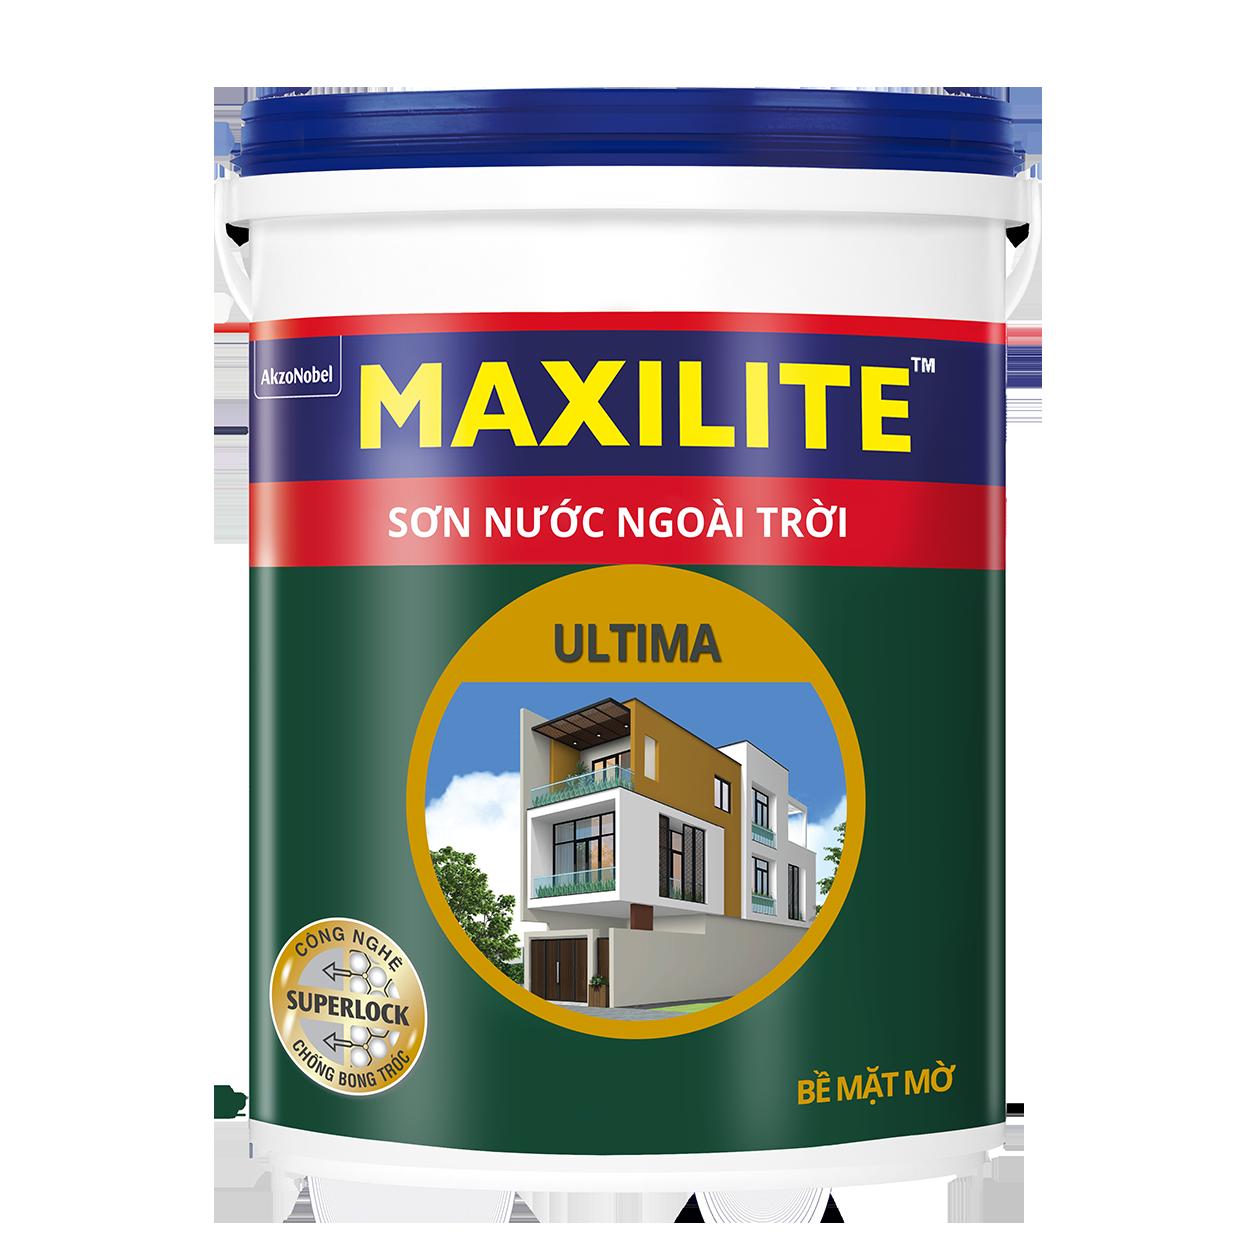 Sơn Nước Ngoài Trời Maxilite Ultima - Bề Mặt Mờ